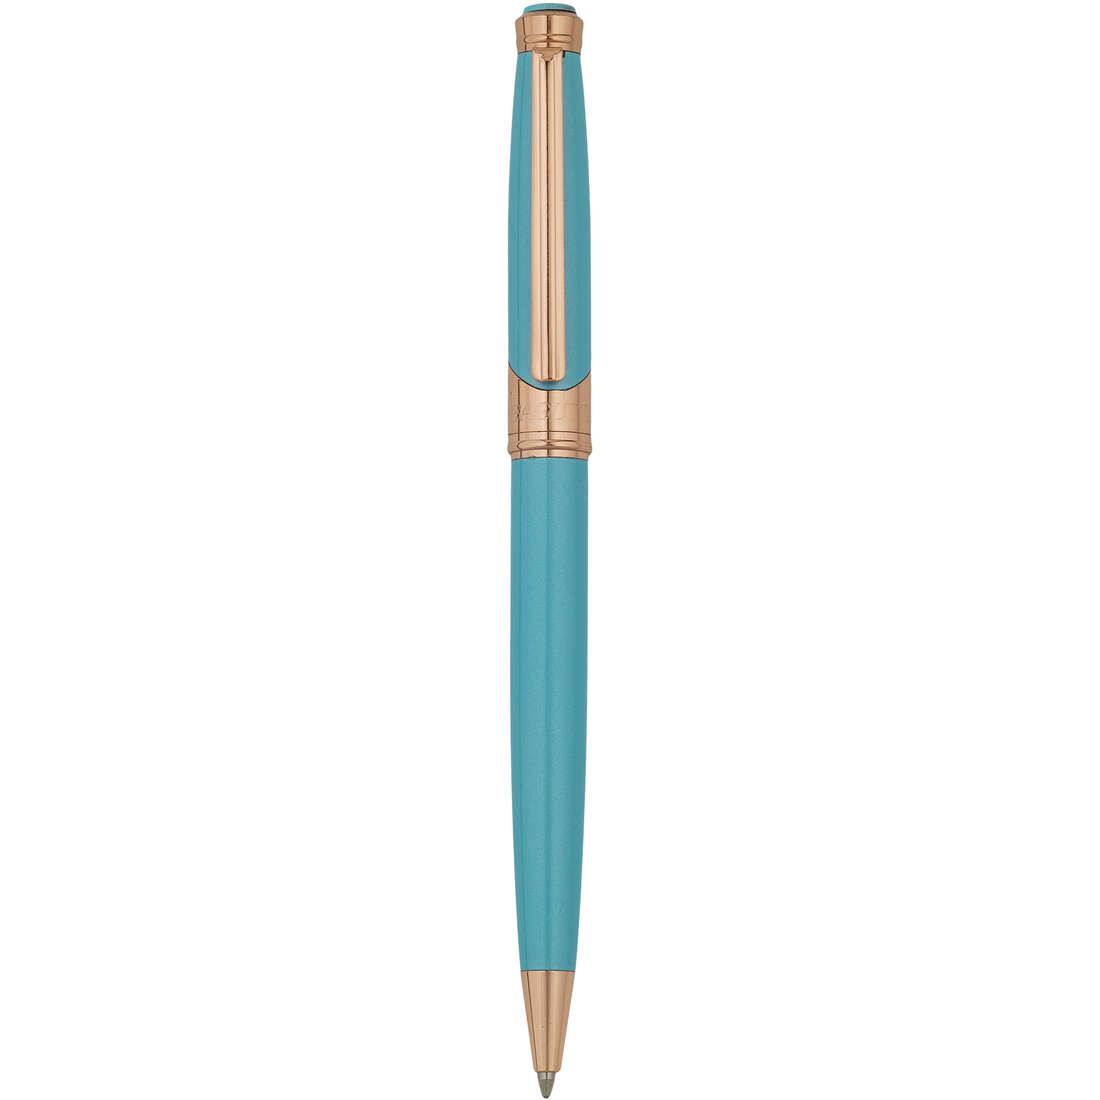 stylo unisex bijoux Bagutta Penne H 6009-02 B